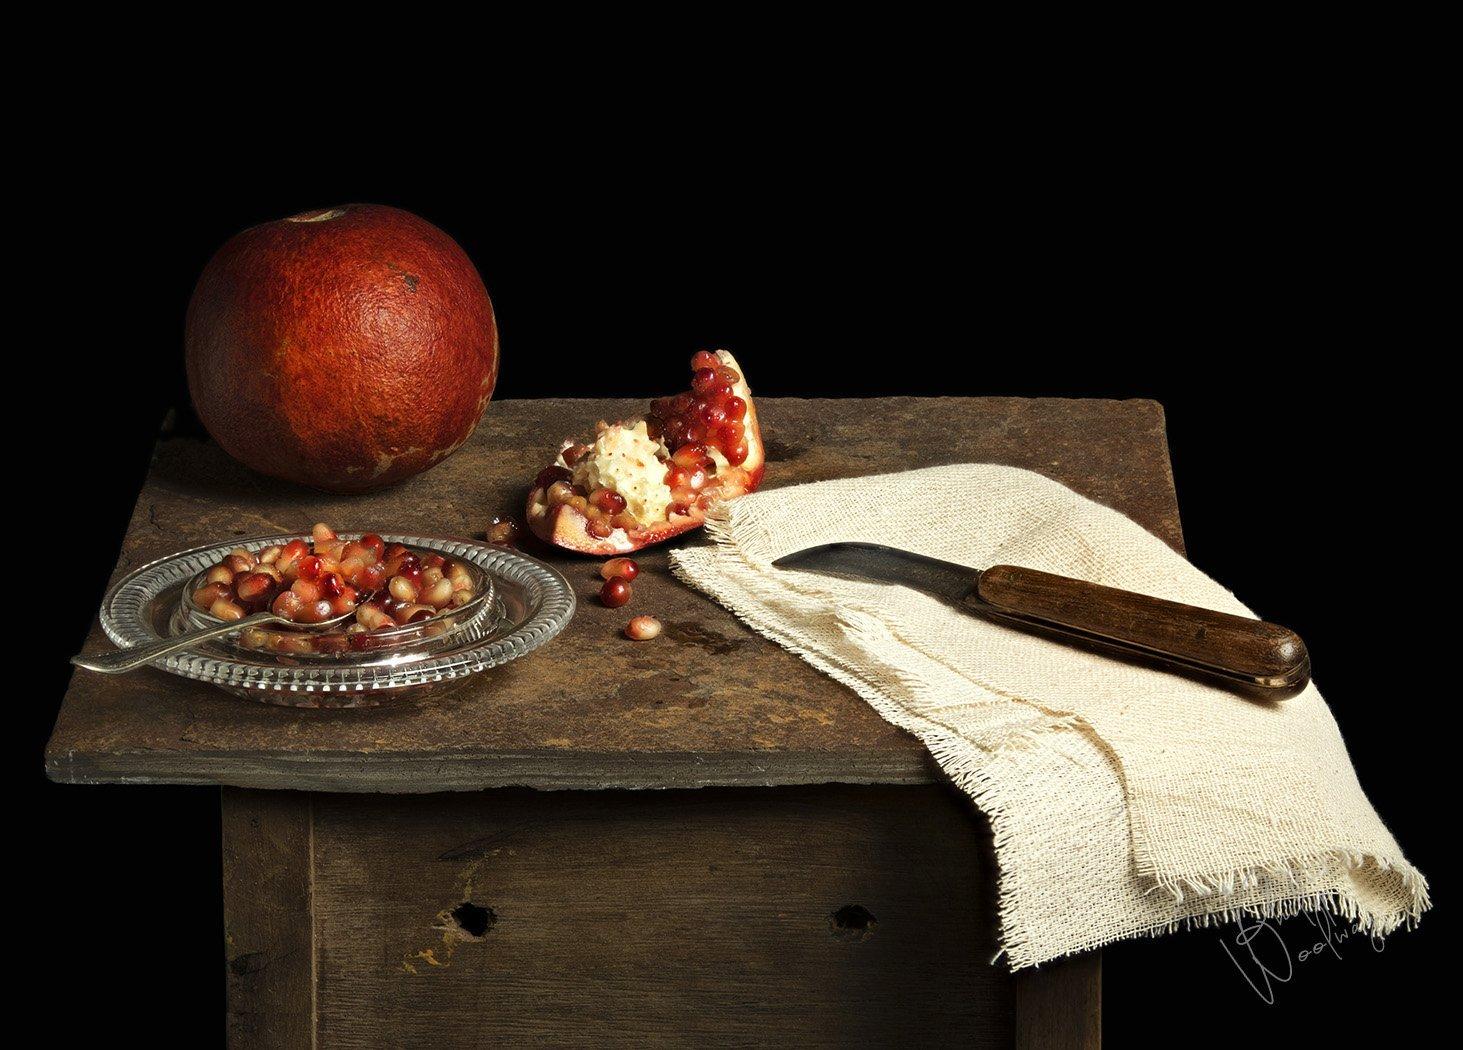 pomegranate on slate - still life